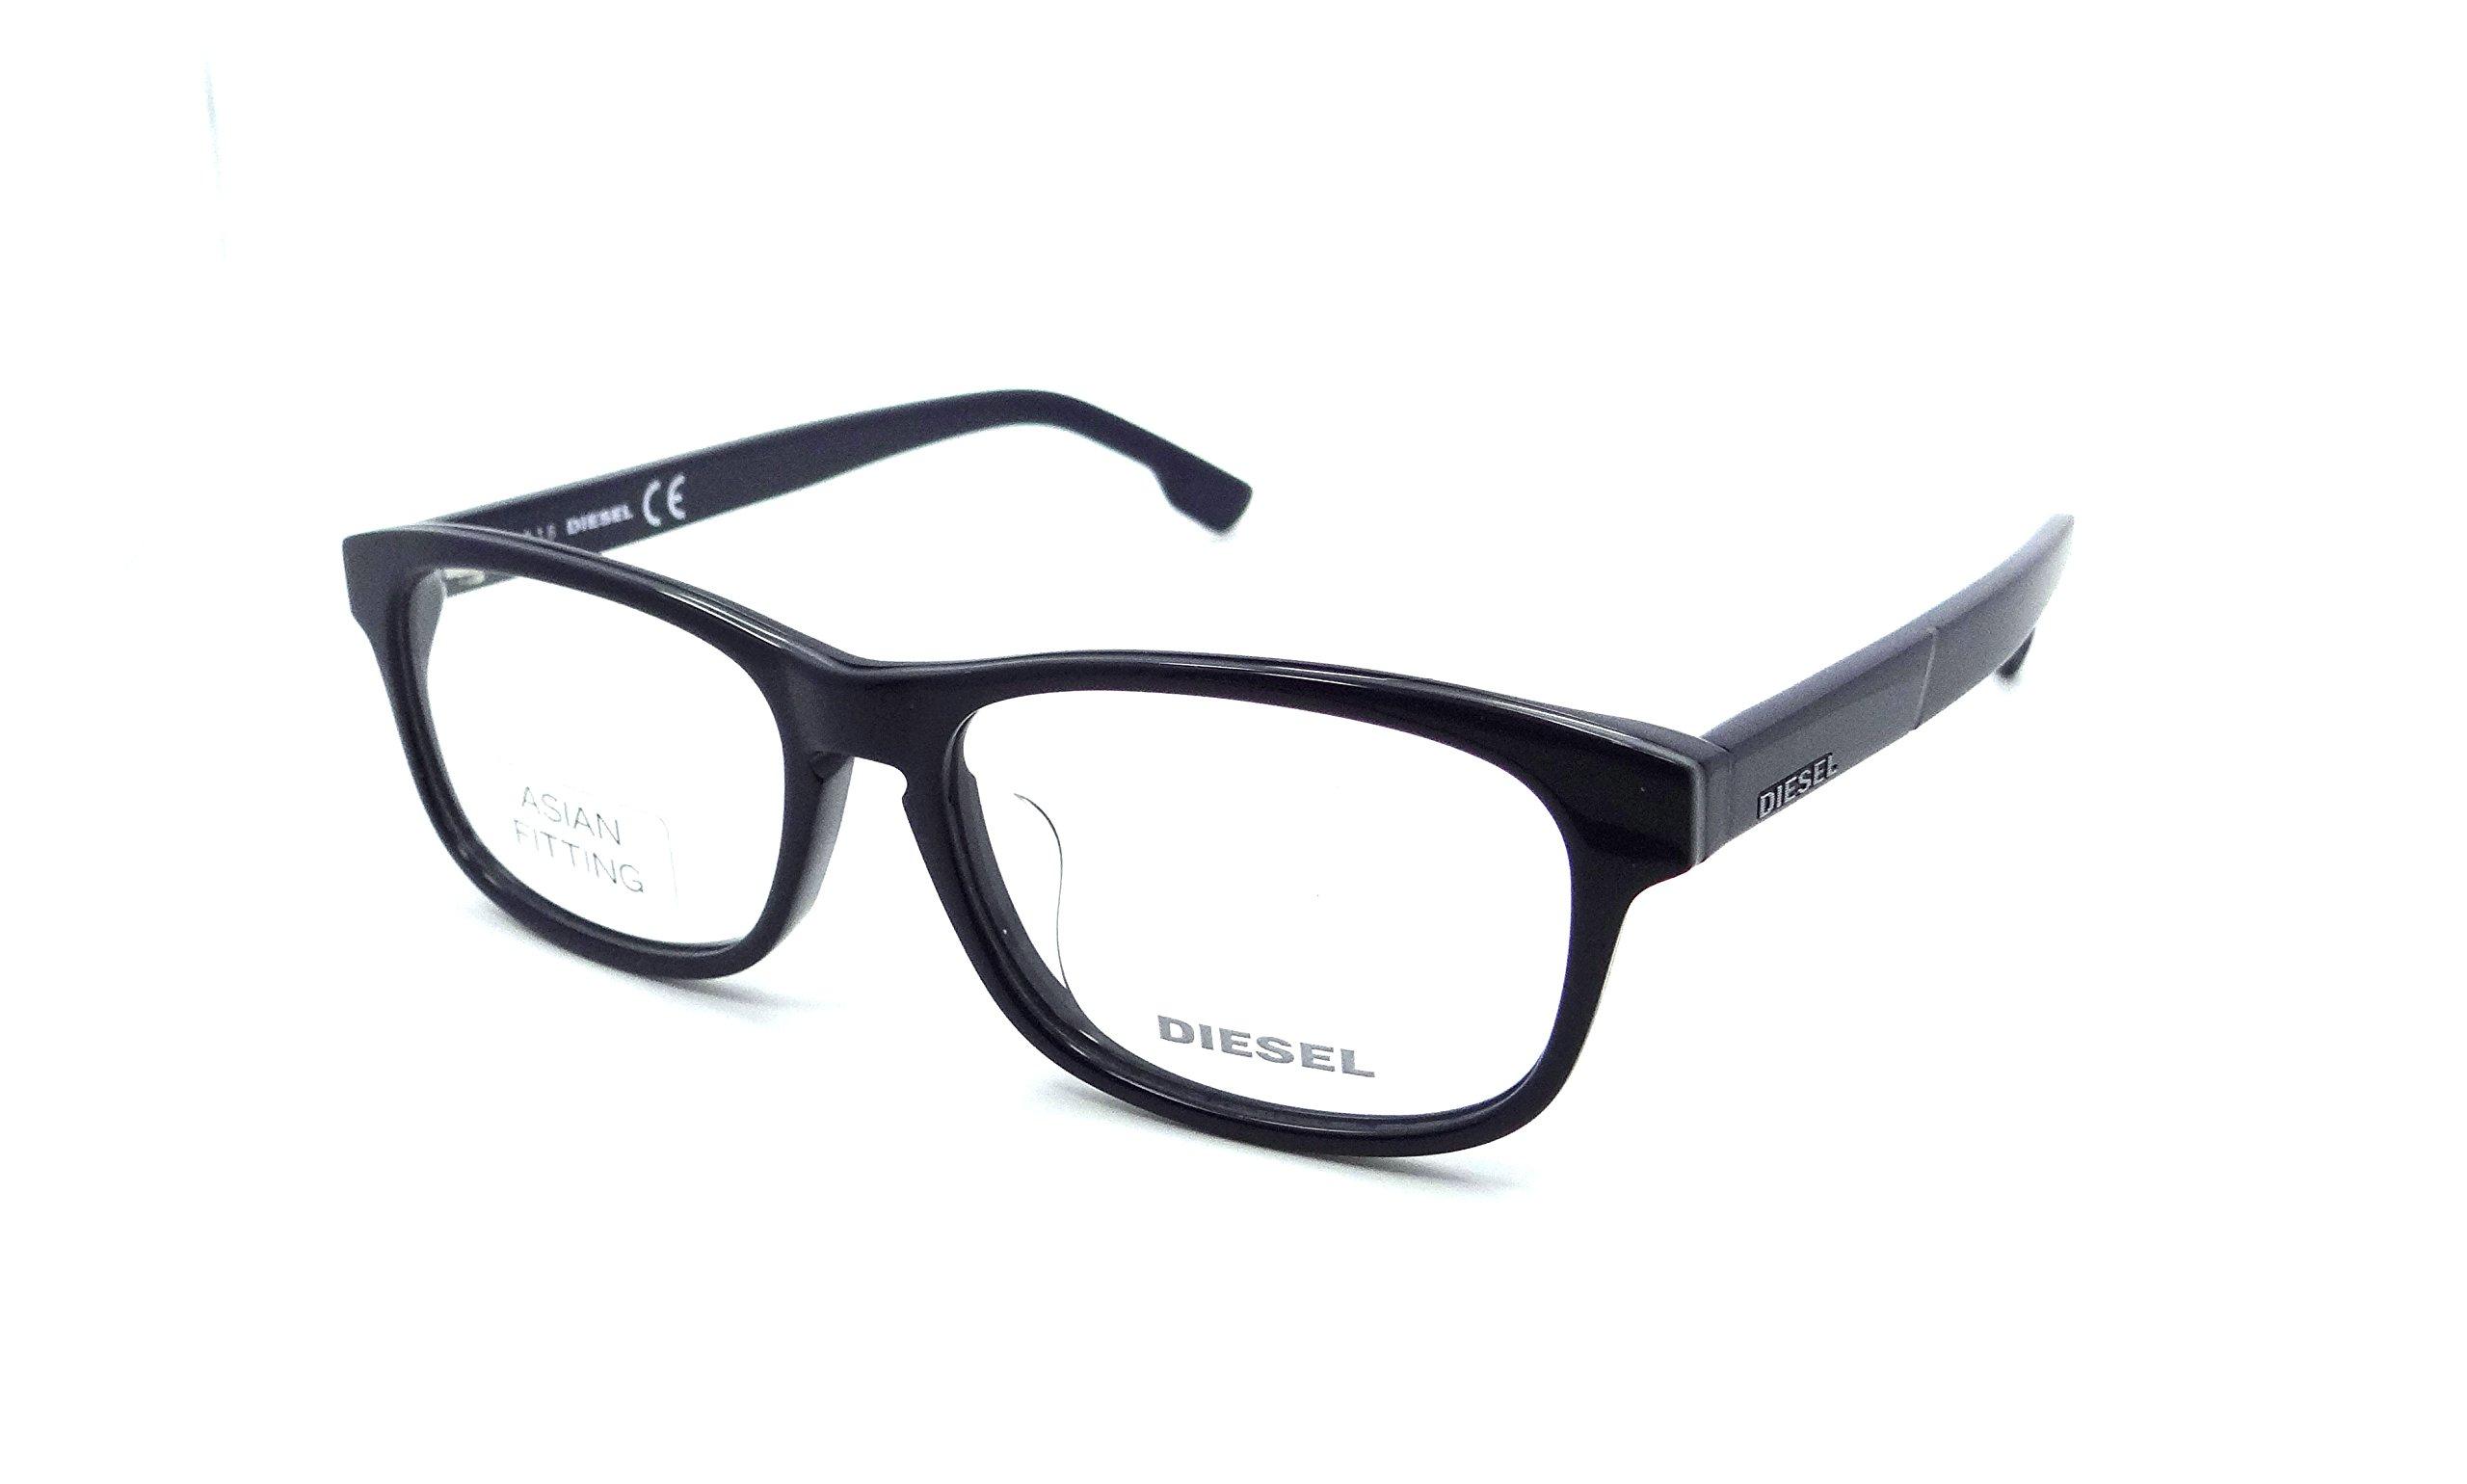 Diesel Rx Eyeglasses Frames DL5197-F 090 53-15-145 Blue / Grey / Blue Asian Fit